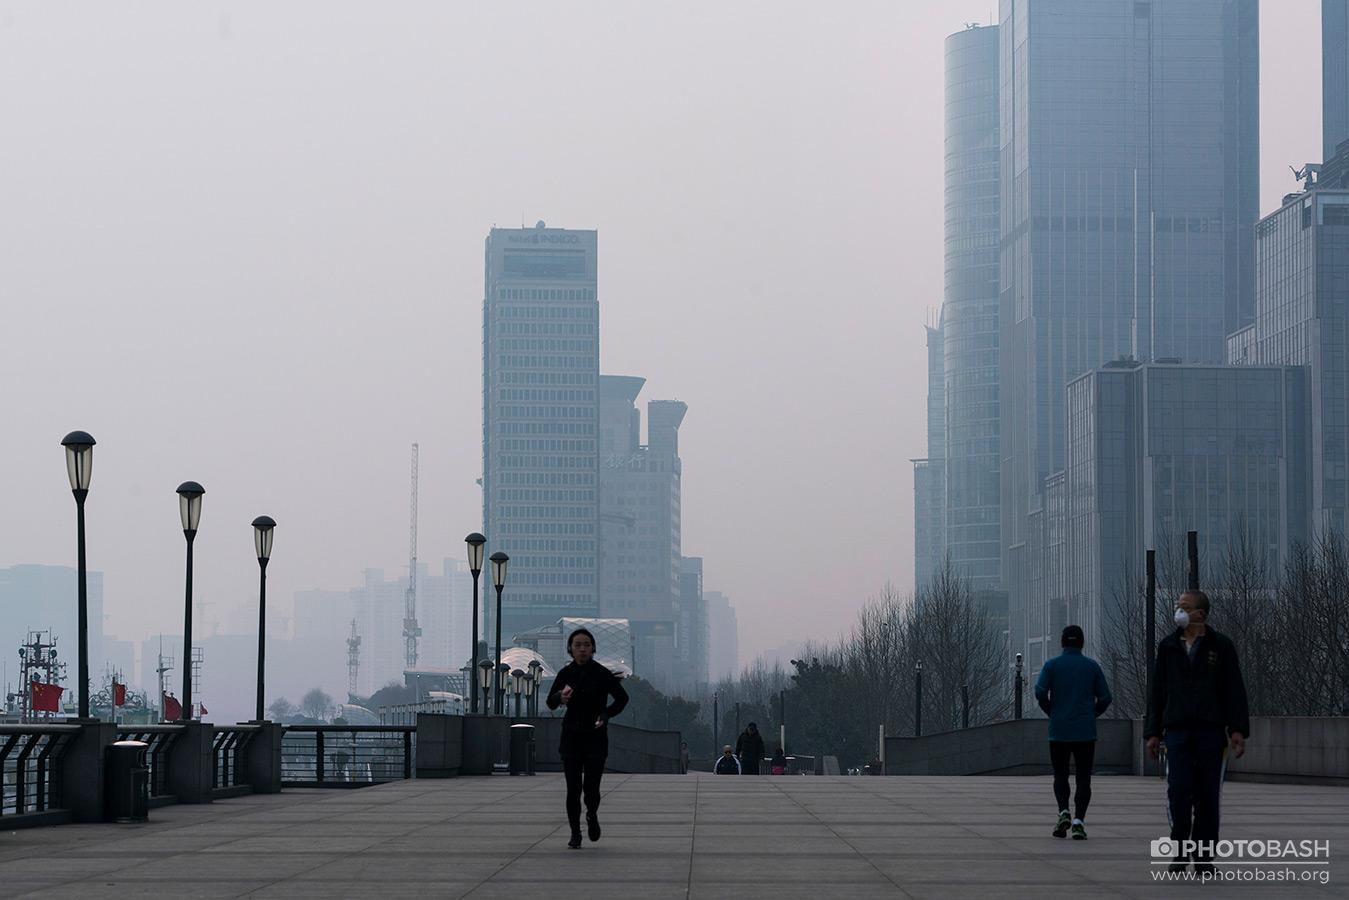 تصاویر رفرنس از آسمان خراش های شانگهای